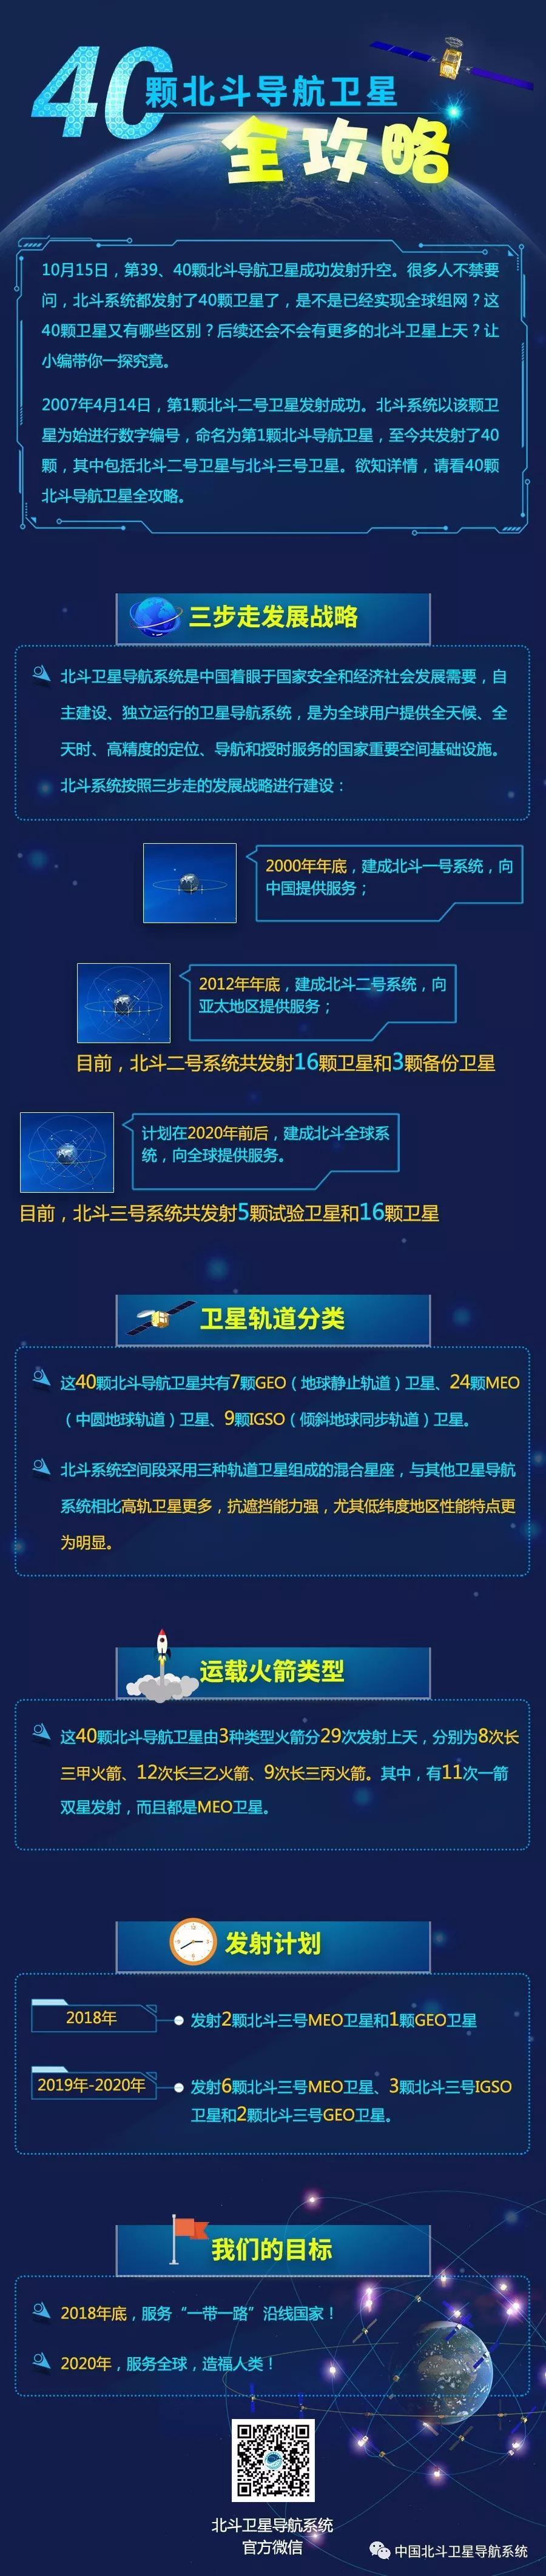 中国已发射40颗北斗卫星北斗芯片规模化应用